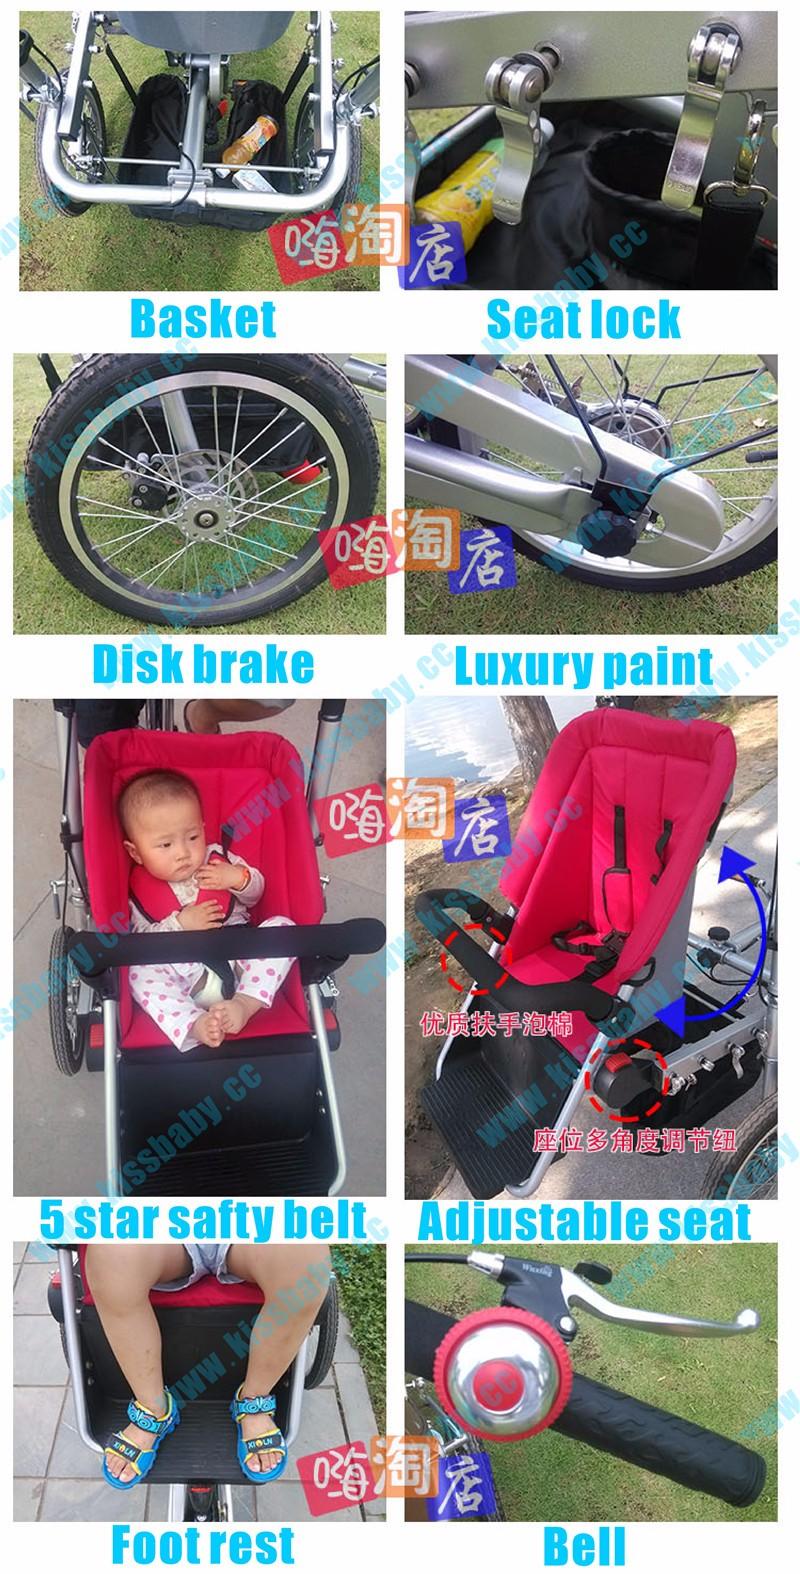 HTB1AYRLOpXXXXbXXFXXq6xXFXXXZ - 3 wheel folding stroller bicycle mother baby taga  nucia bike